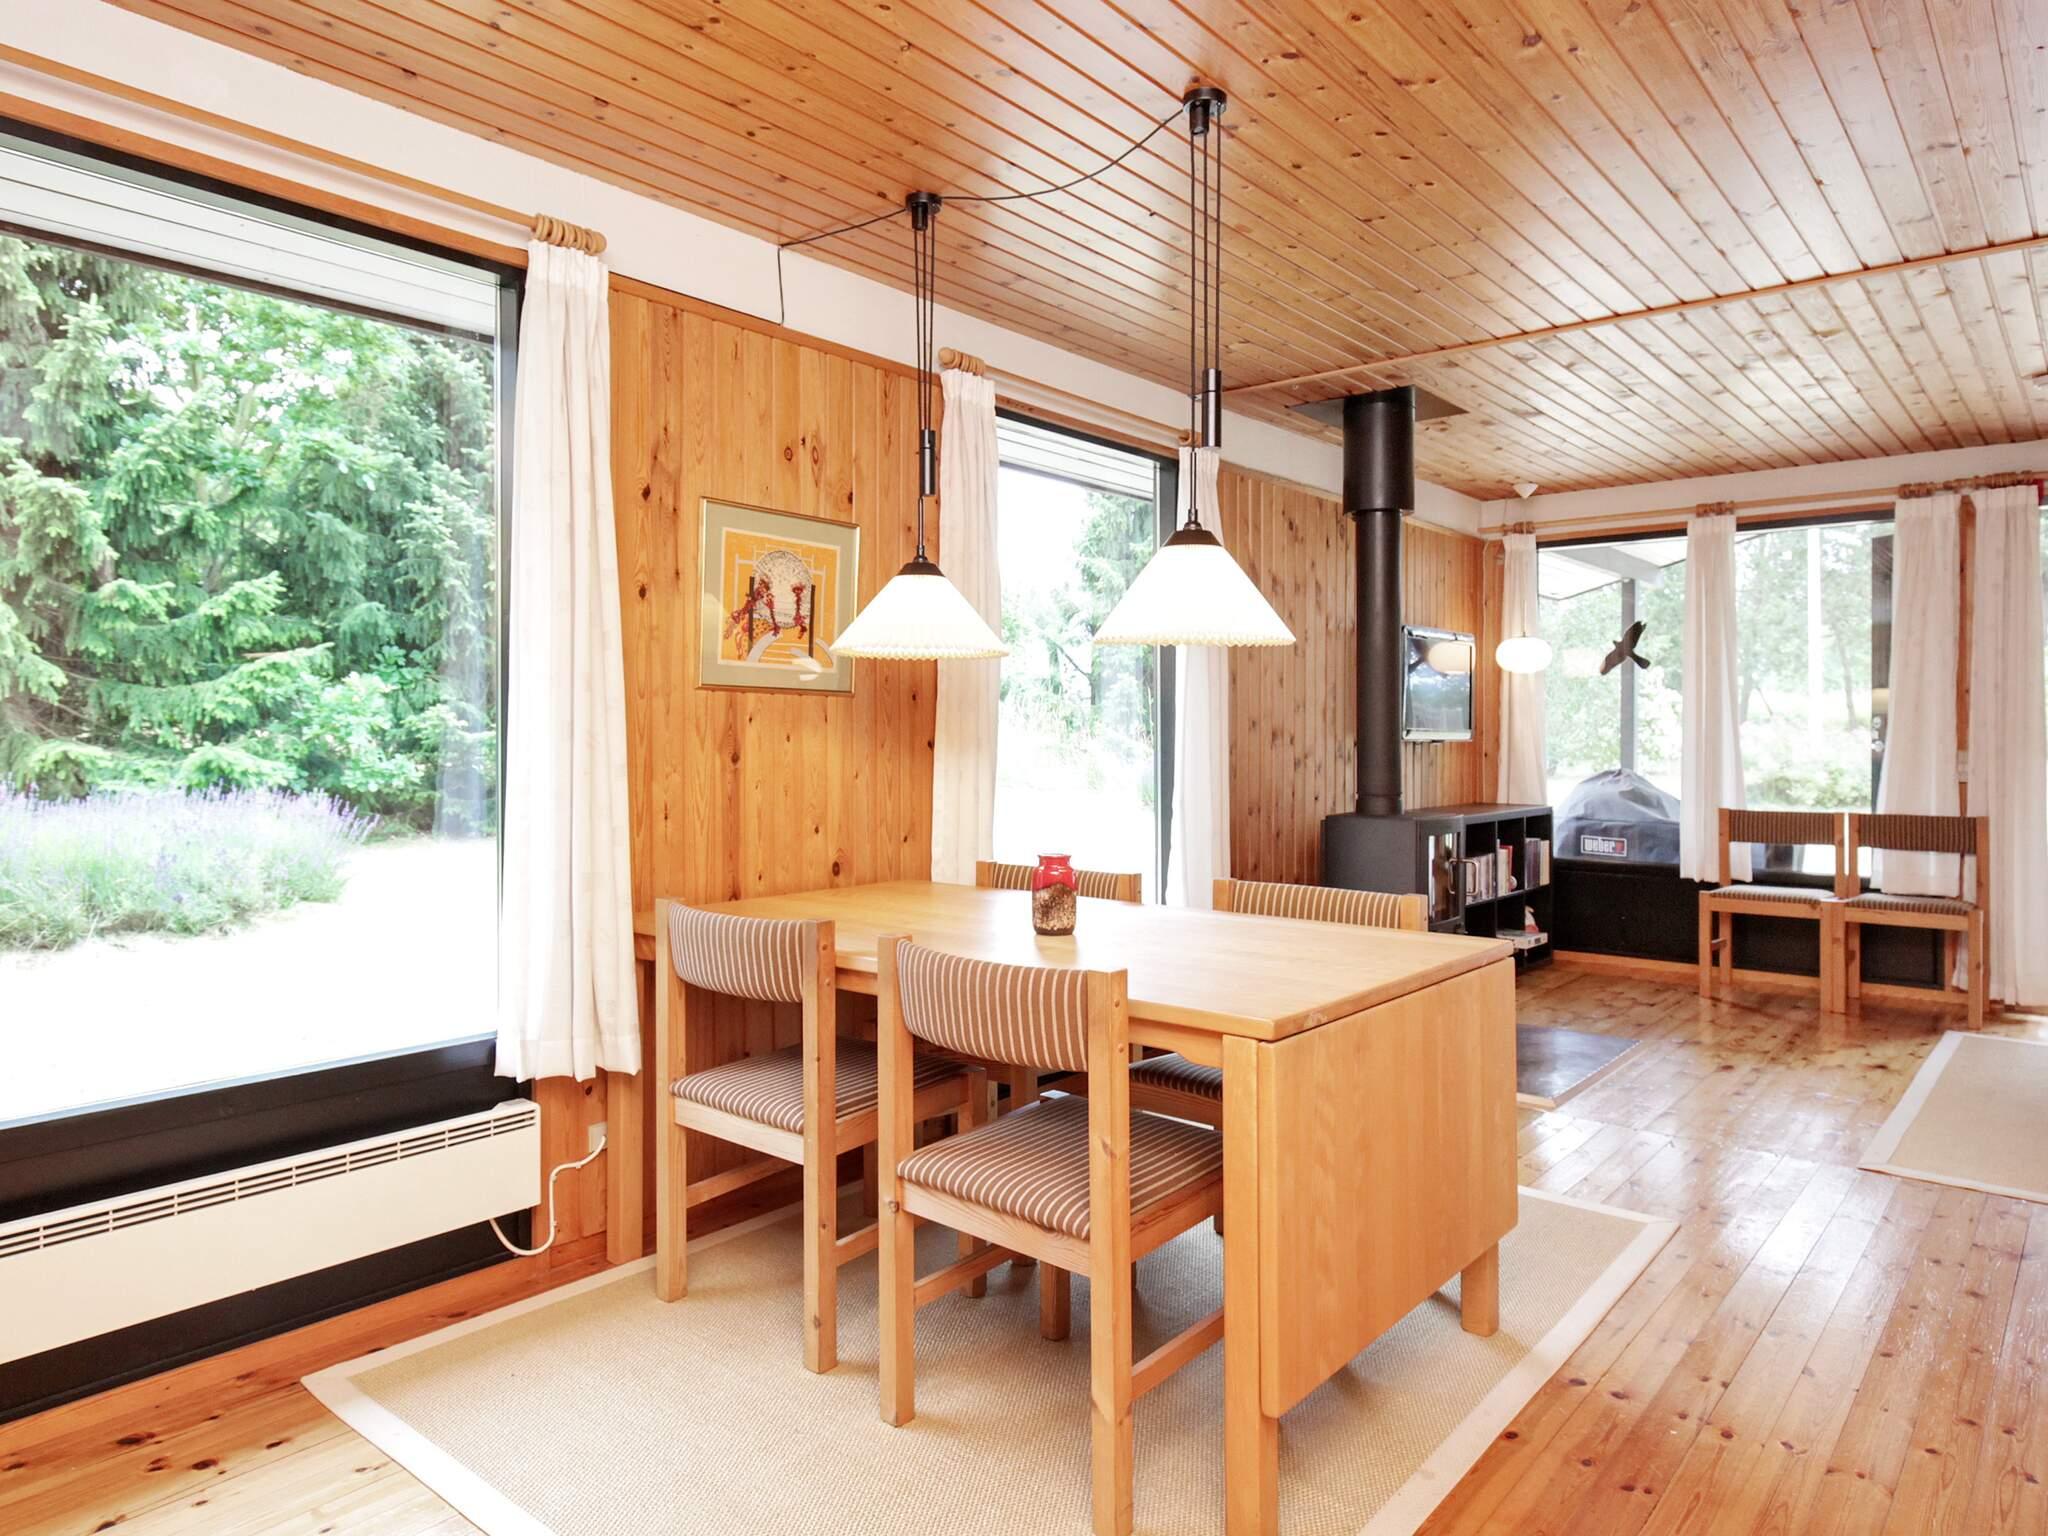 Ferienhaus Røsnæs/Vollerup (2639811), Kalundborg, , Westseeland, Dänemark, Bild 8